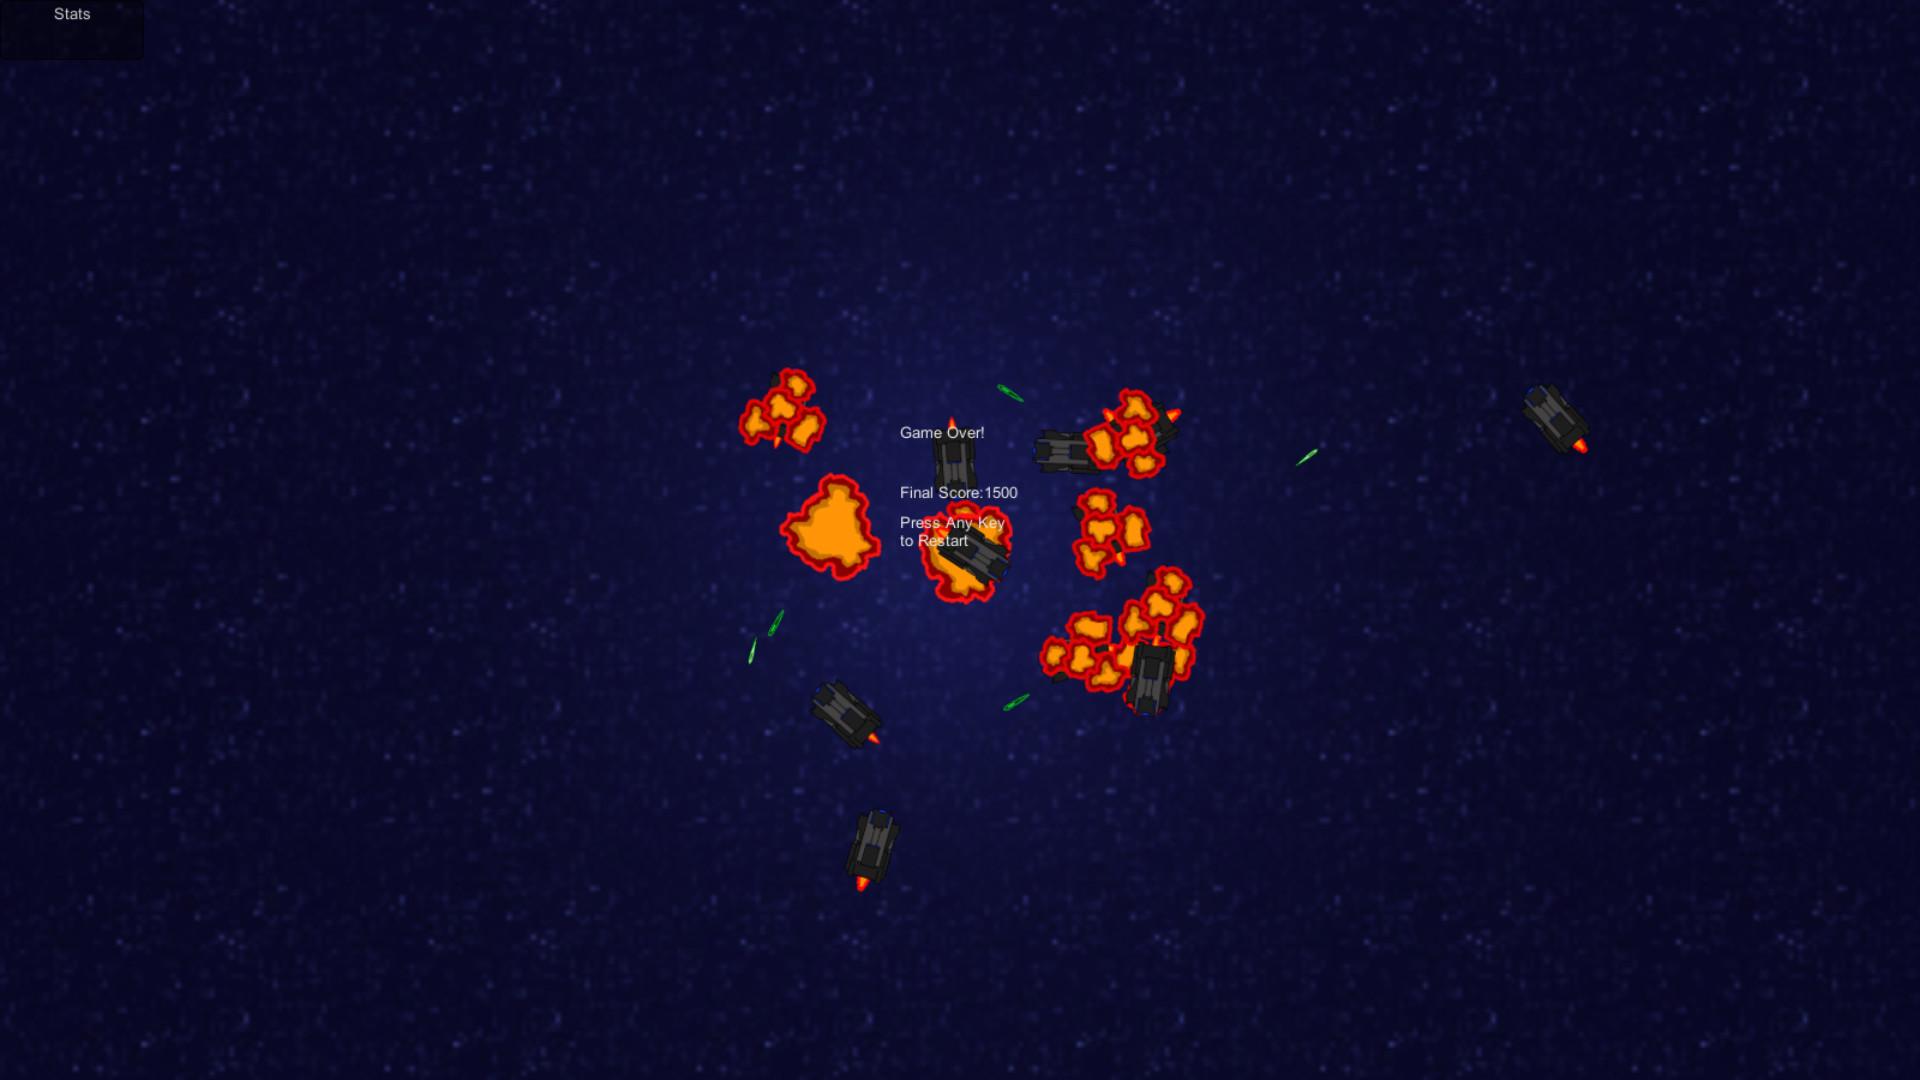 Joao salvadoretti spacegame5